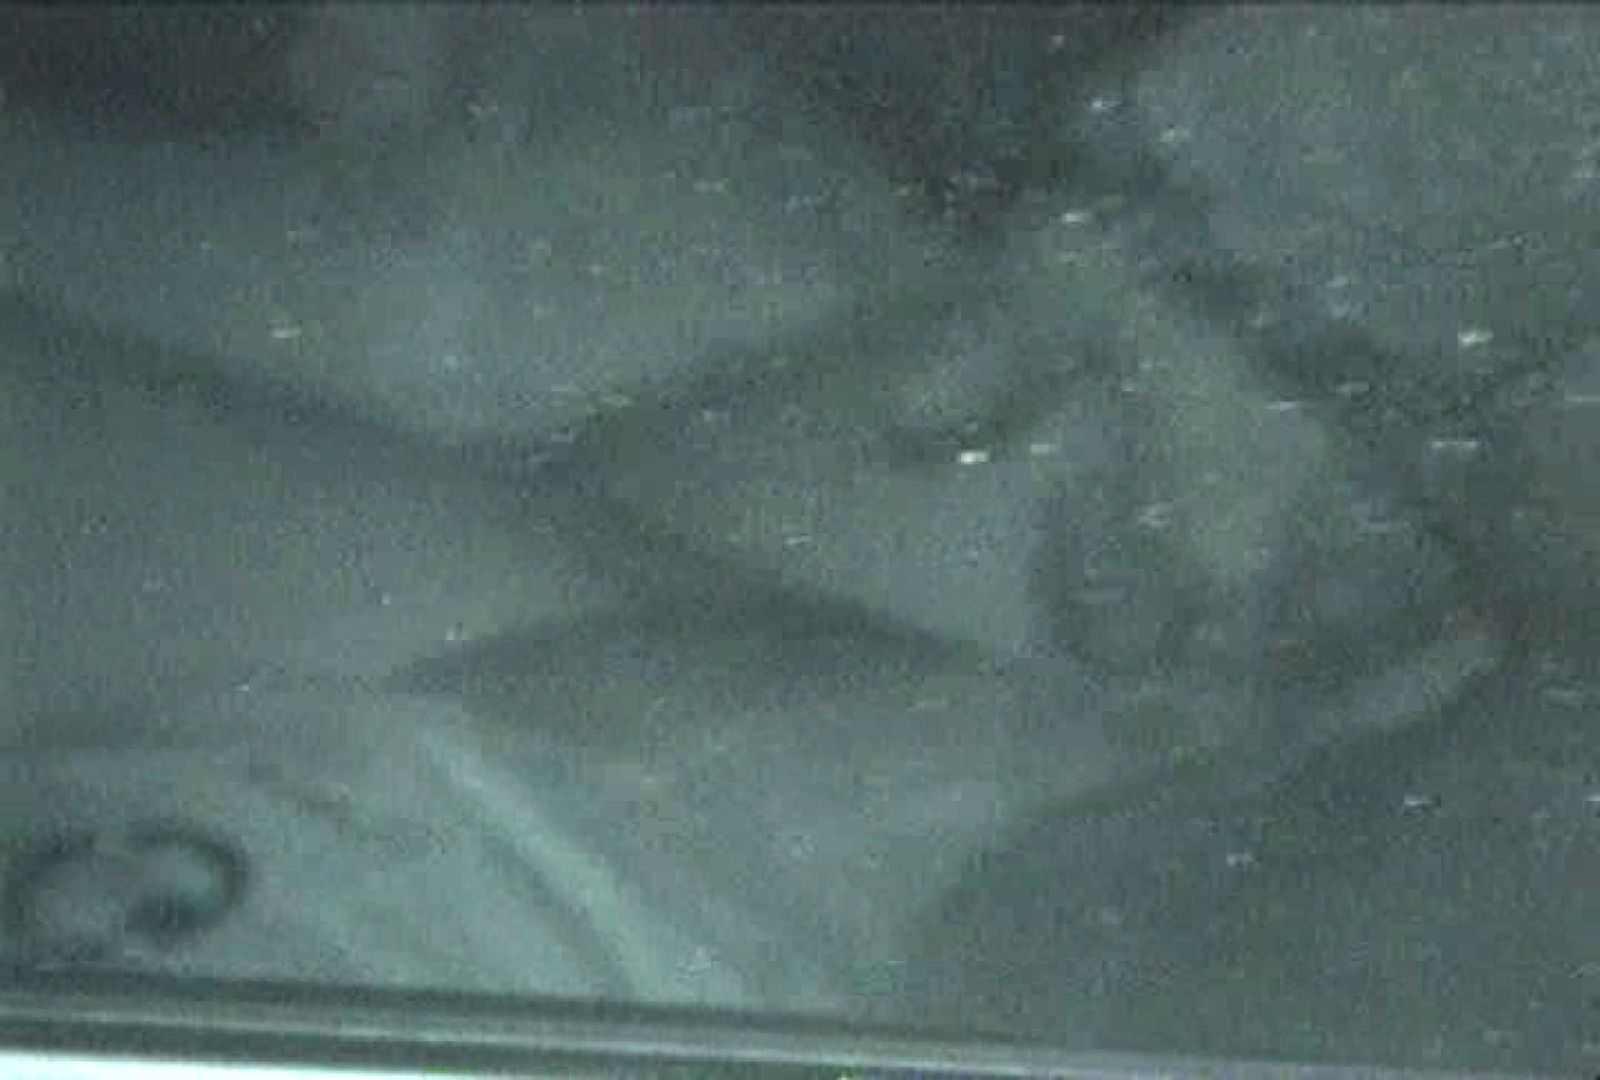 充血監督の深夜の運動会Vol.96 ギャルのエロ動画 AV無料 106画像 104